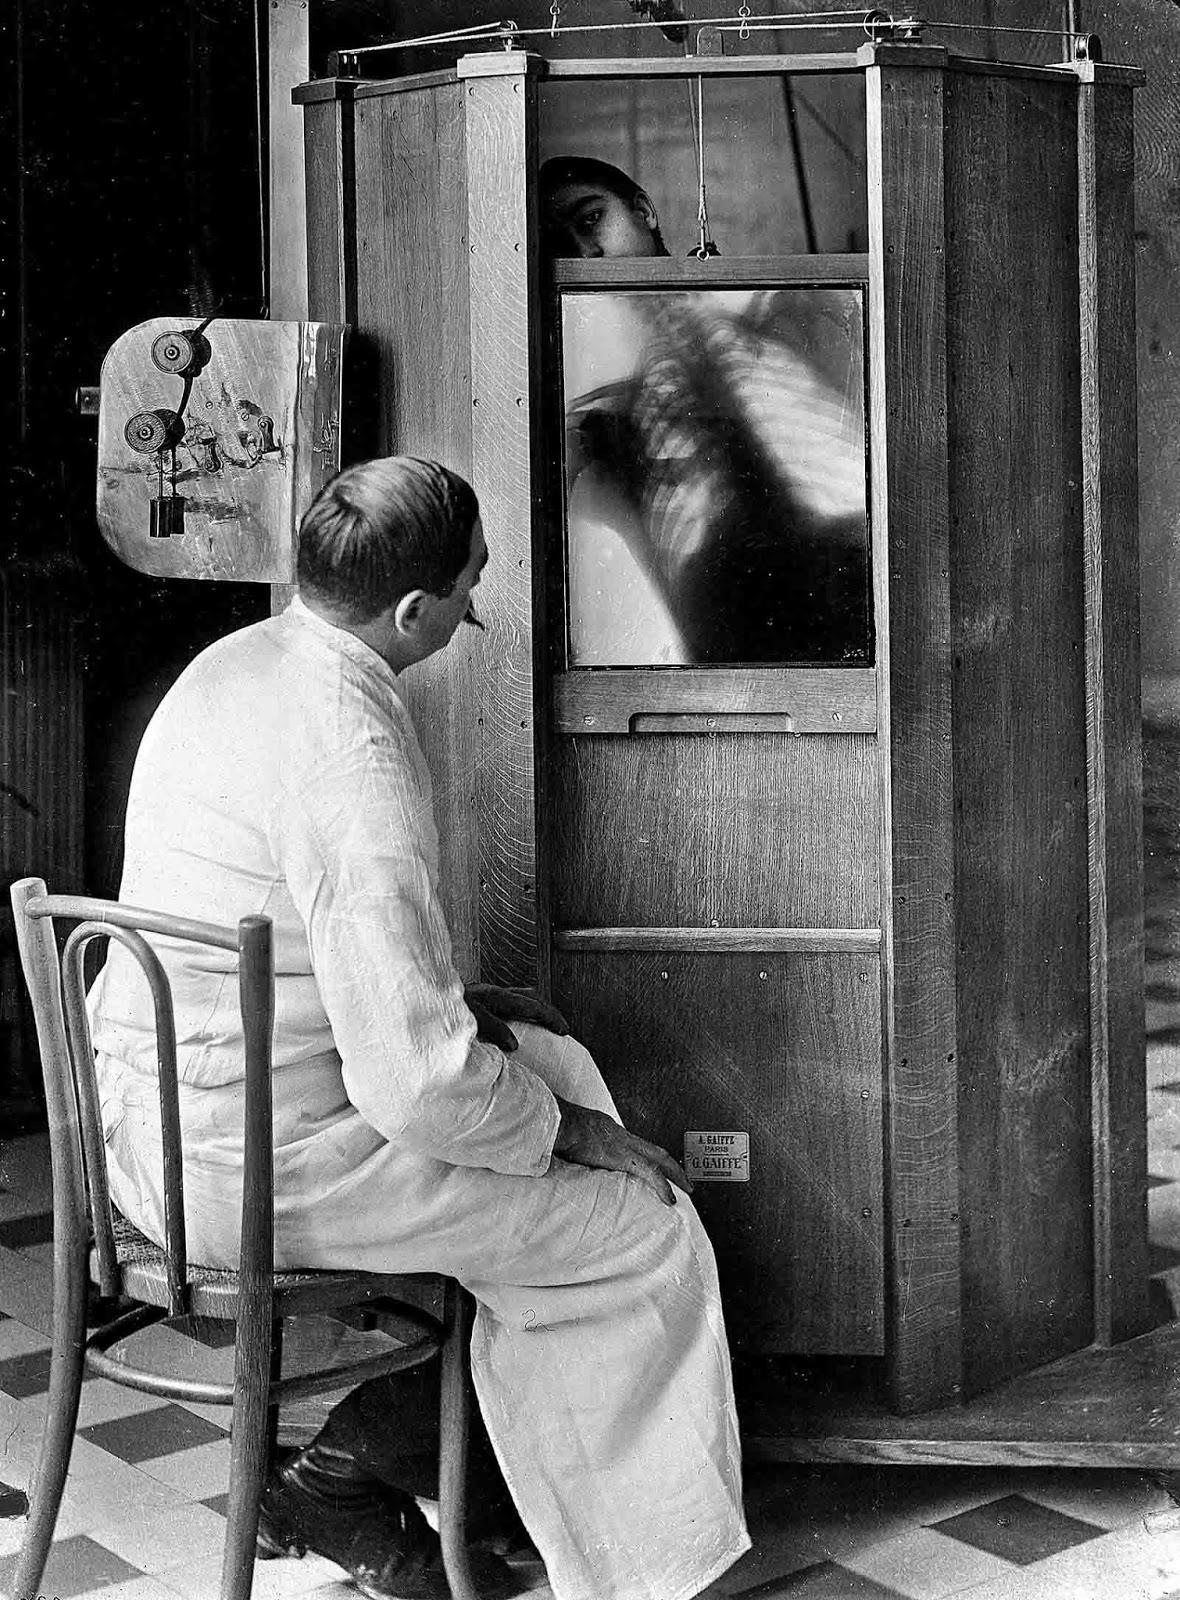 Una radiografía de tórax en curso en el departamento de radiología del Dr. Maxime Menard en el hospital Cochin en París, alrededor de 1914. Más tarde, Mendard perdería su dedo por los efectos secundarios de la operación de la máquina de rayos X.